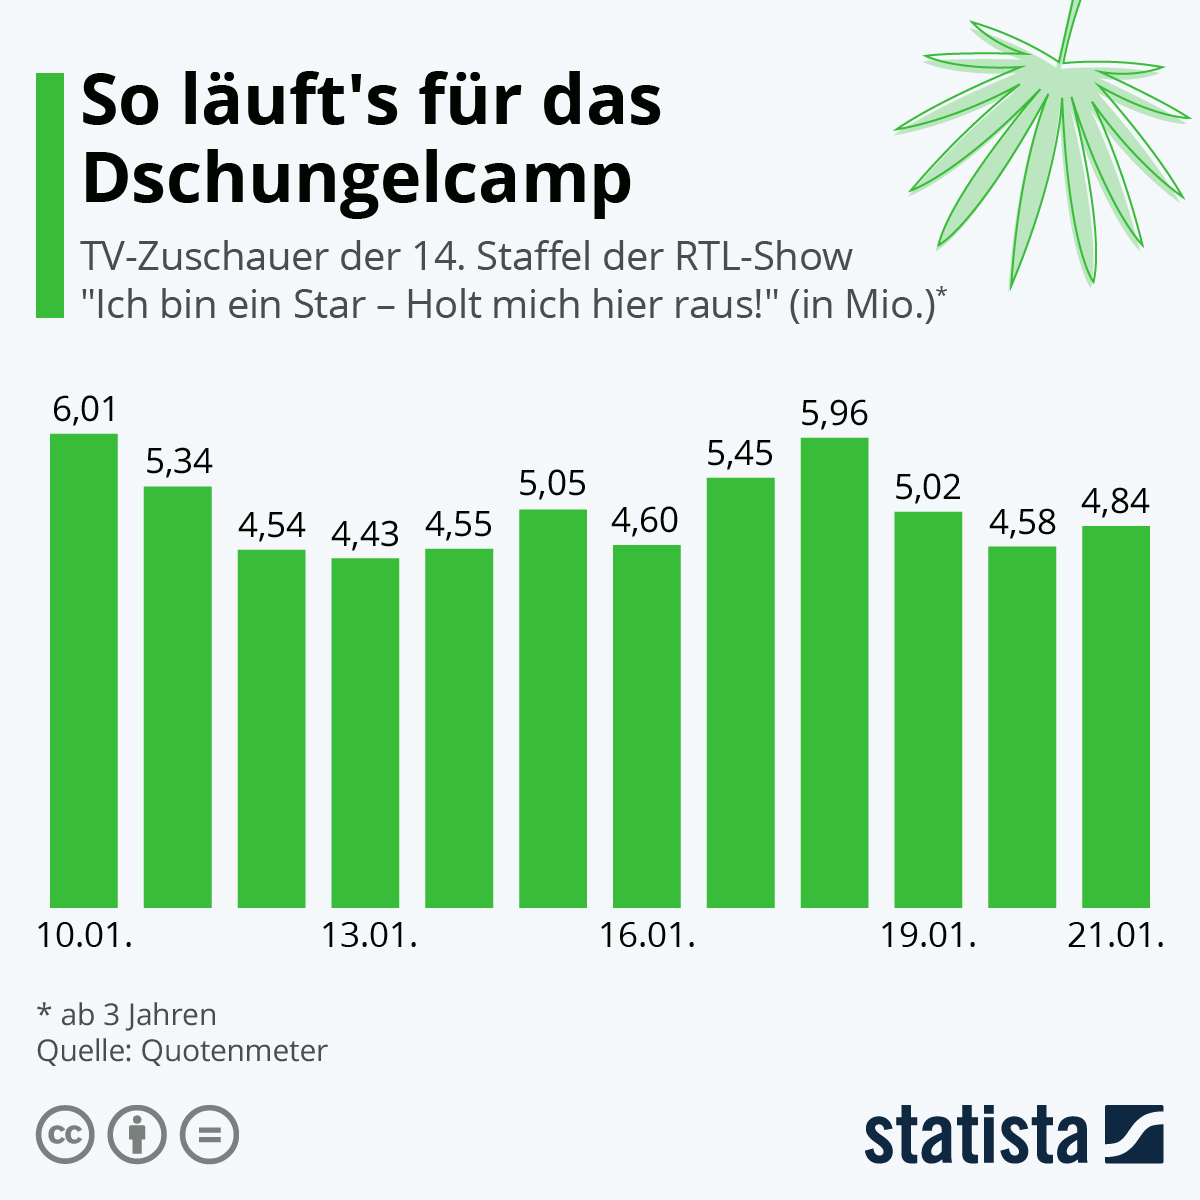 Infografik: So läuft's für das Dschungelcamp | Statista